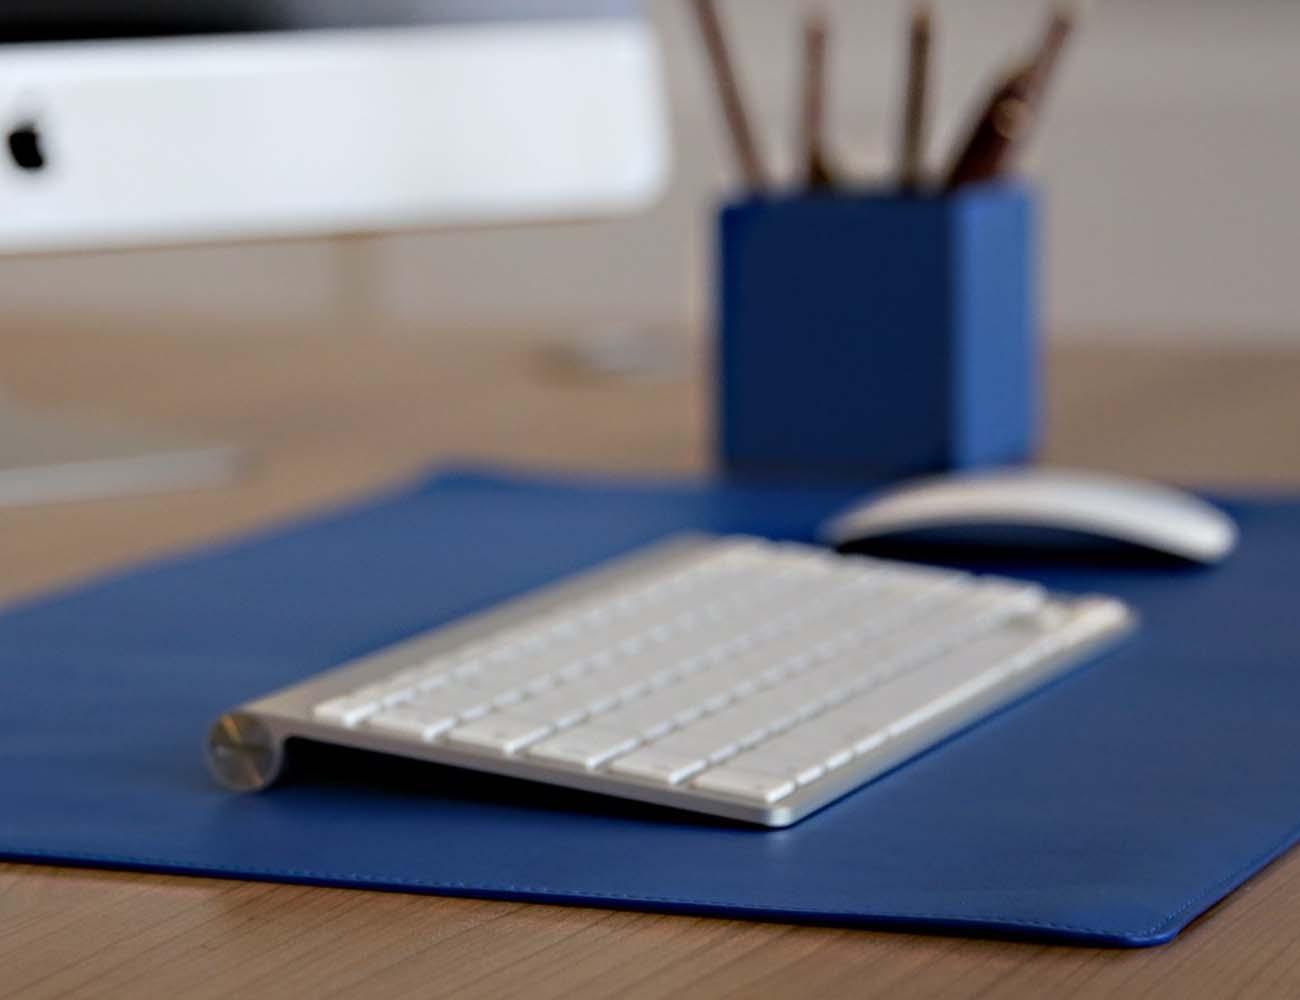 Satechi+Desk+Mat+%26amp%3B+Mate